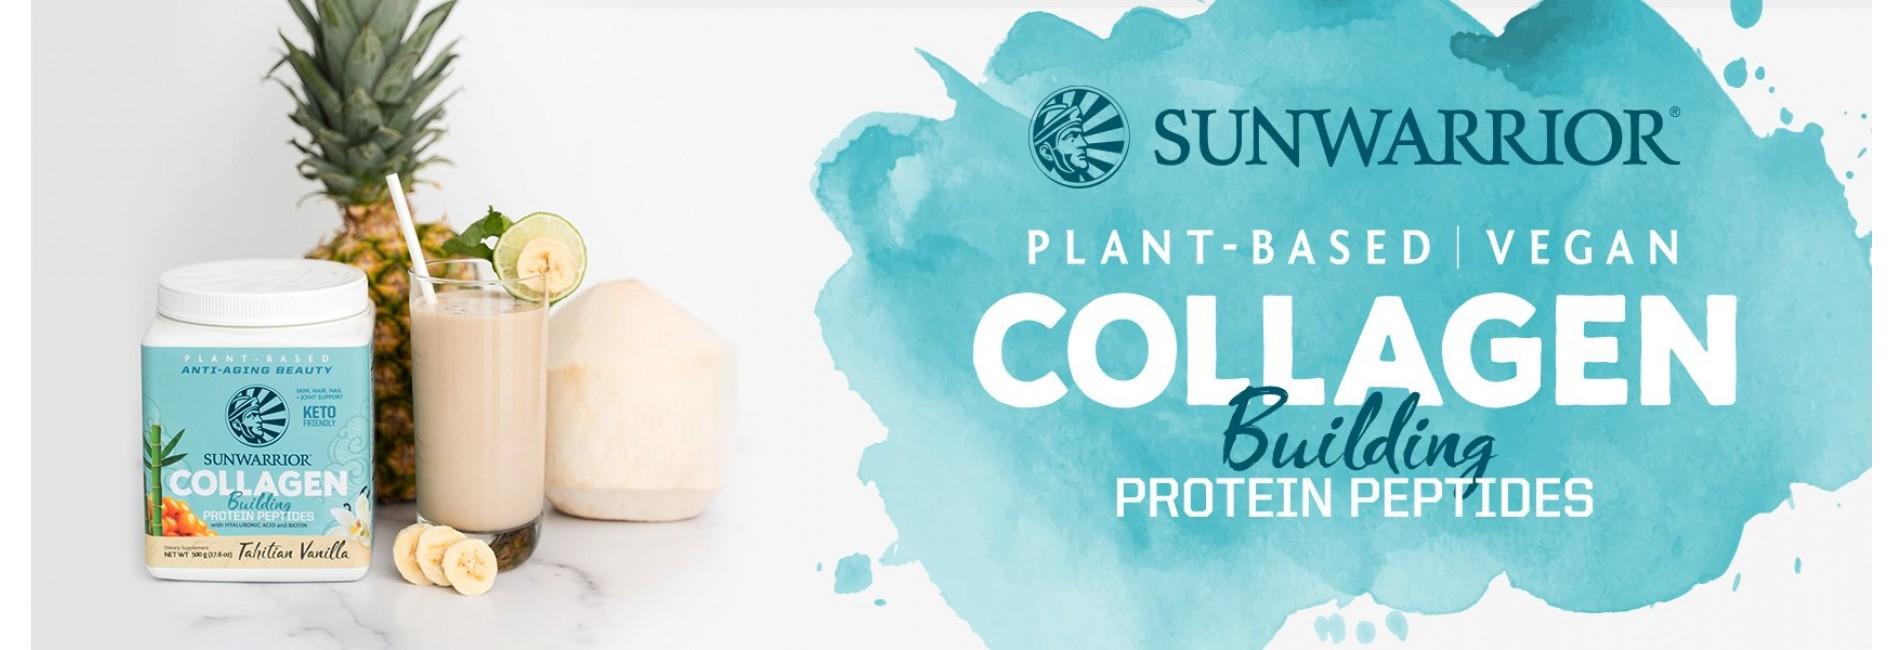 Sunwarrior collagen